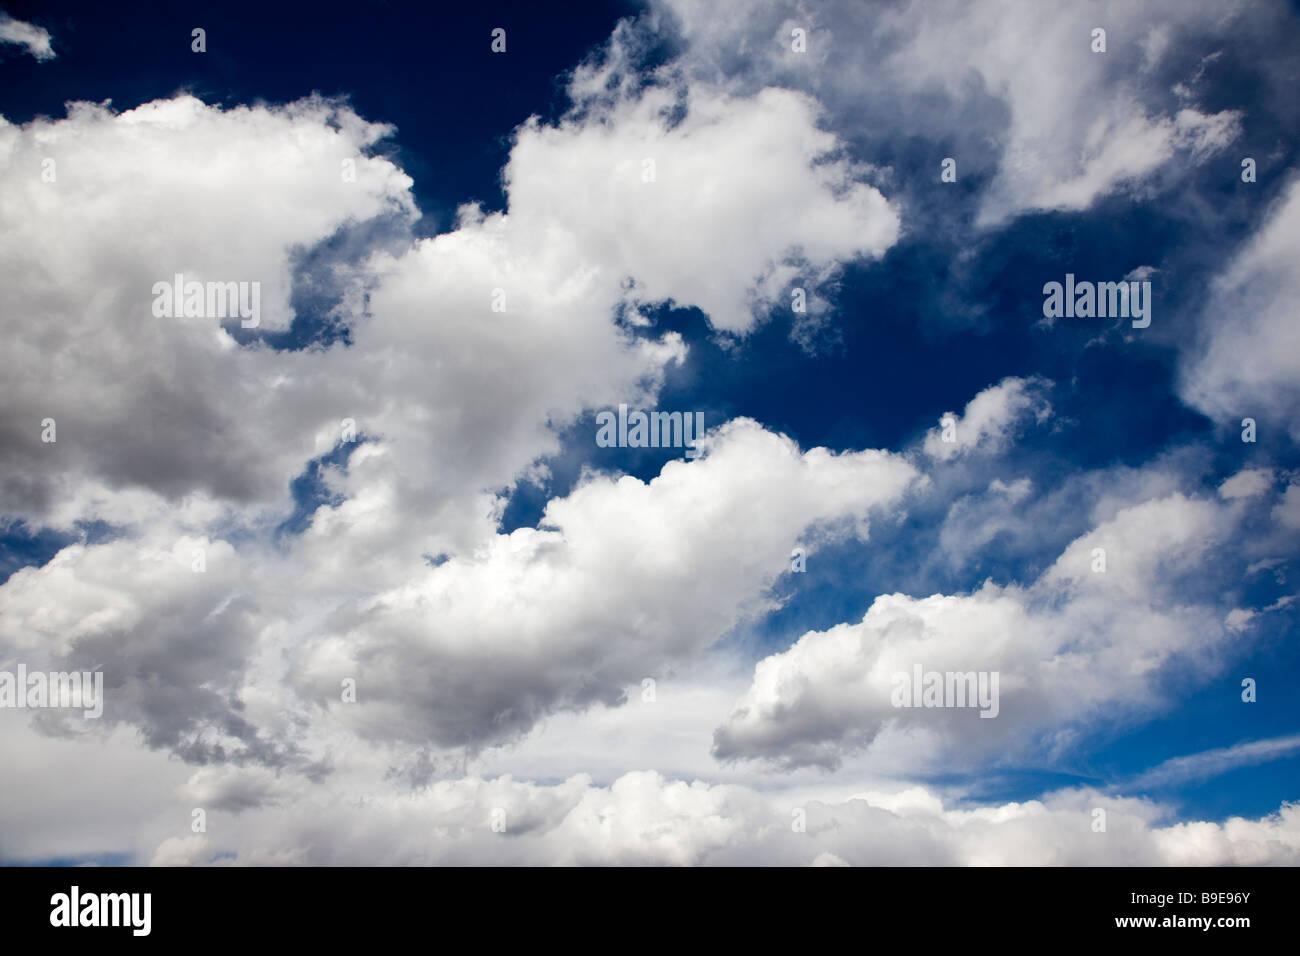 Weißen geschwollenen Wolken am Colorado blauen Himmel am Tag Stockbild